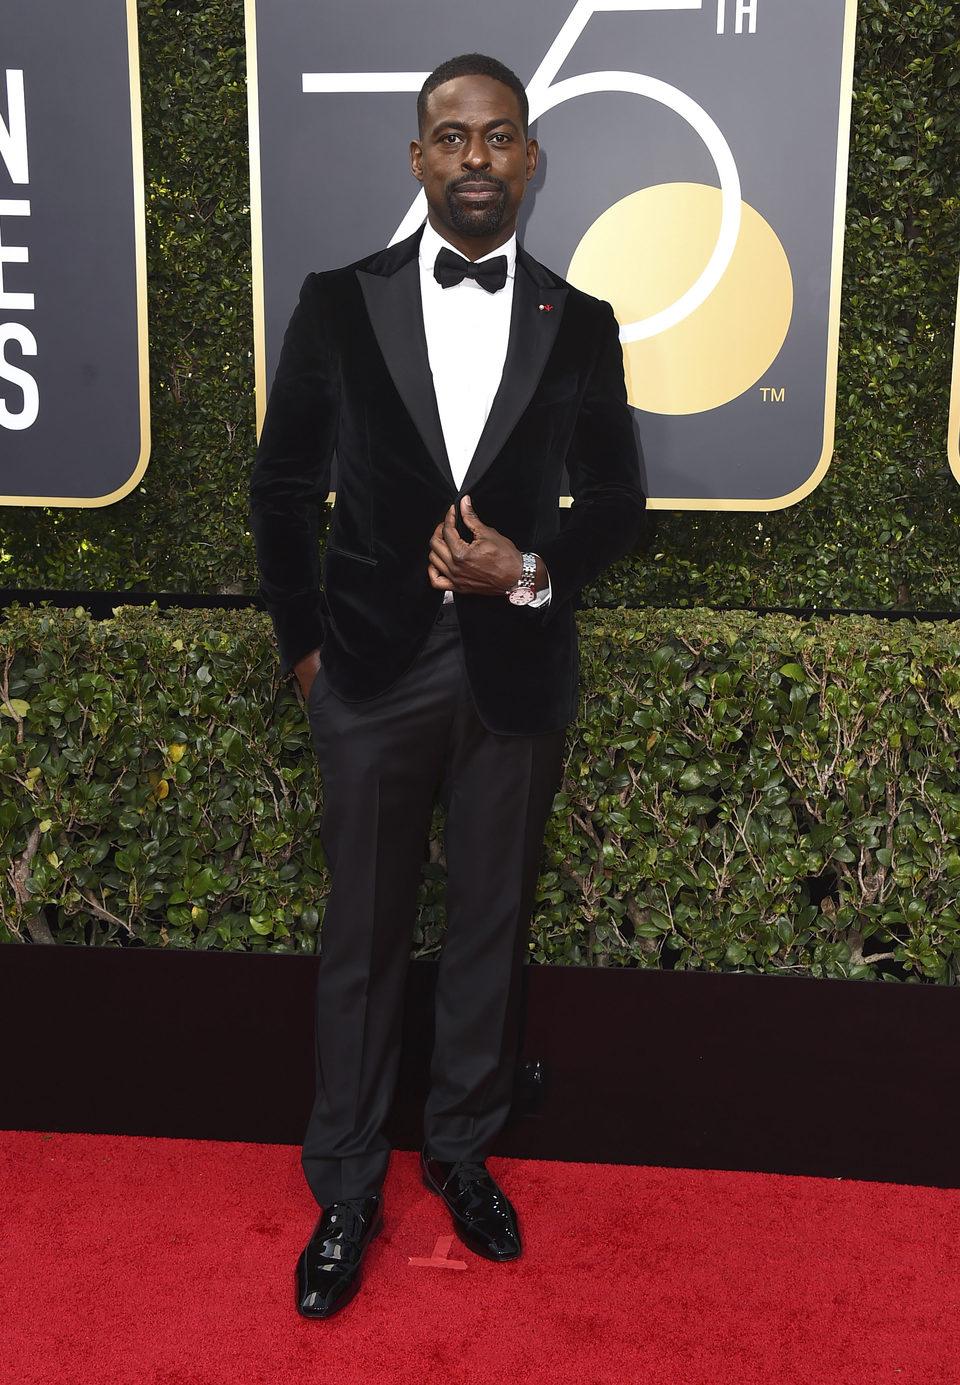 Sterling K. Brown en la alfombra roja de los Globos de Oro 2018